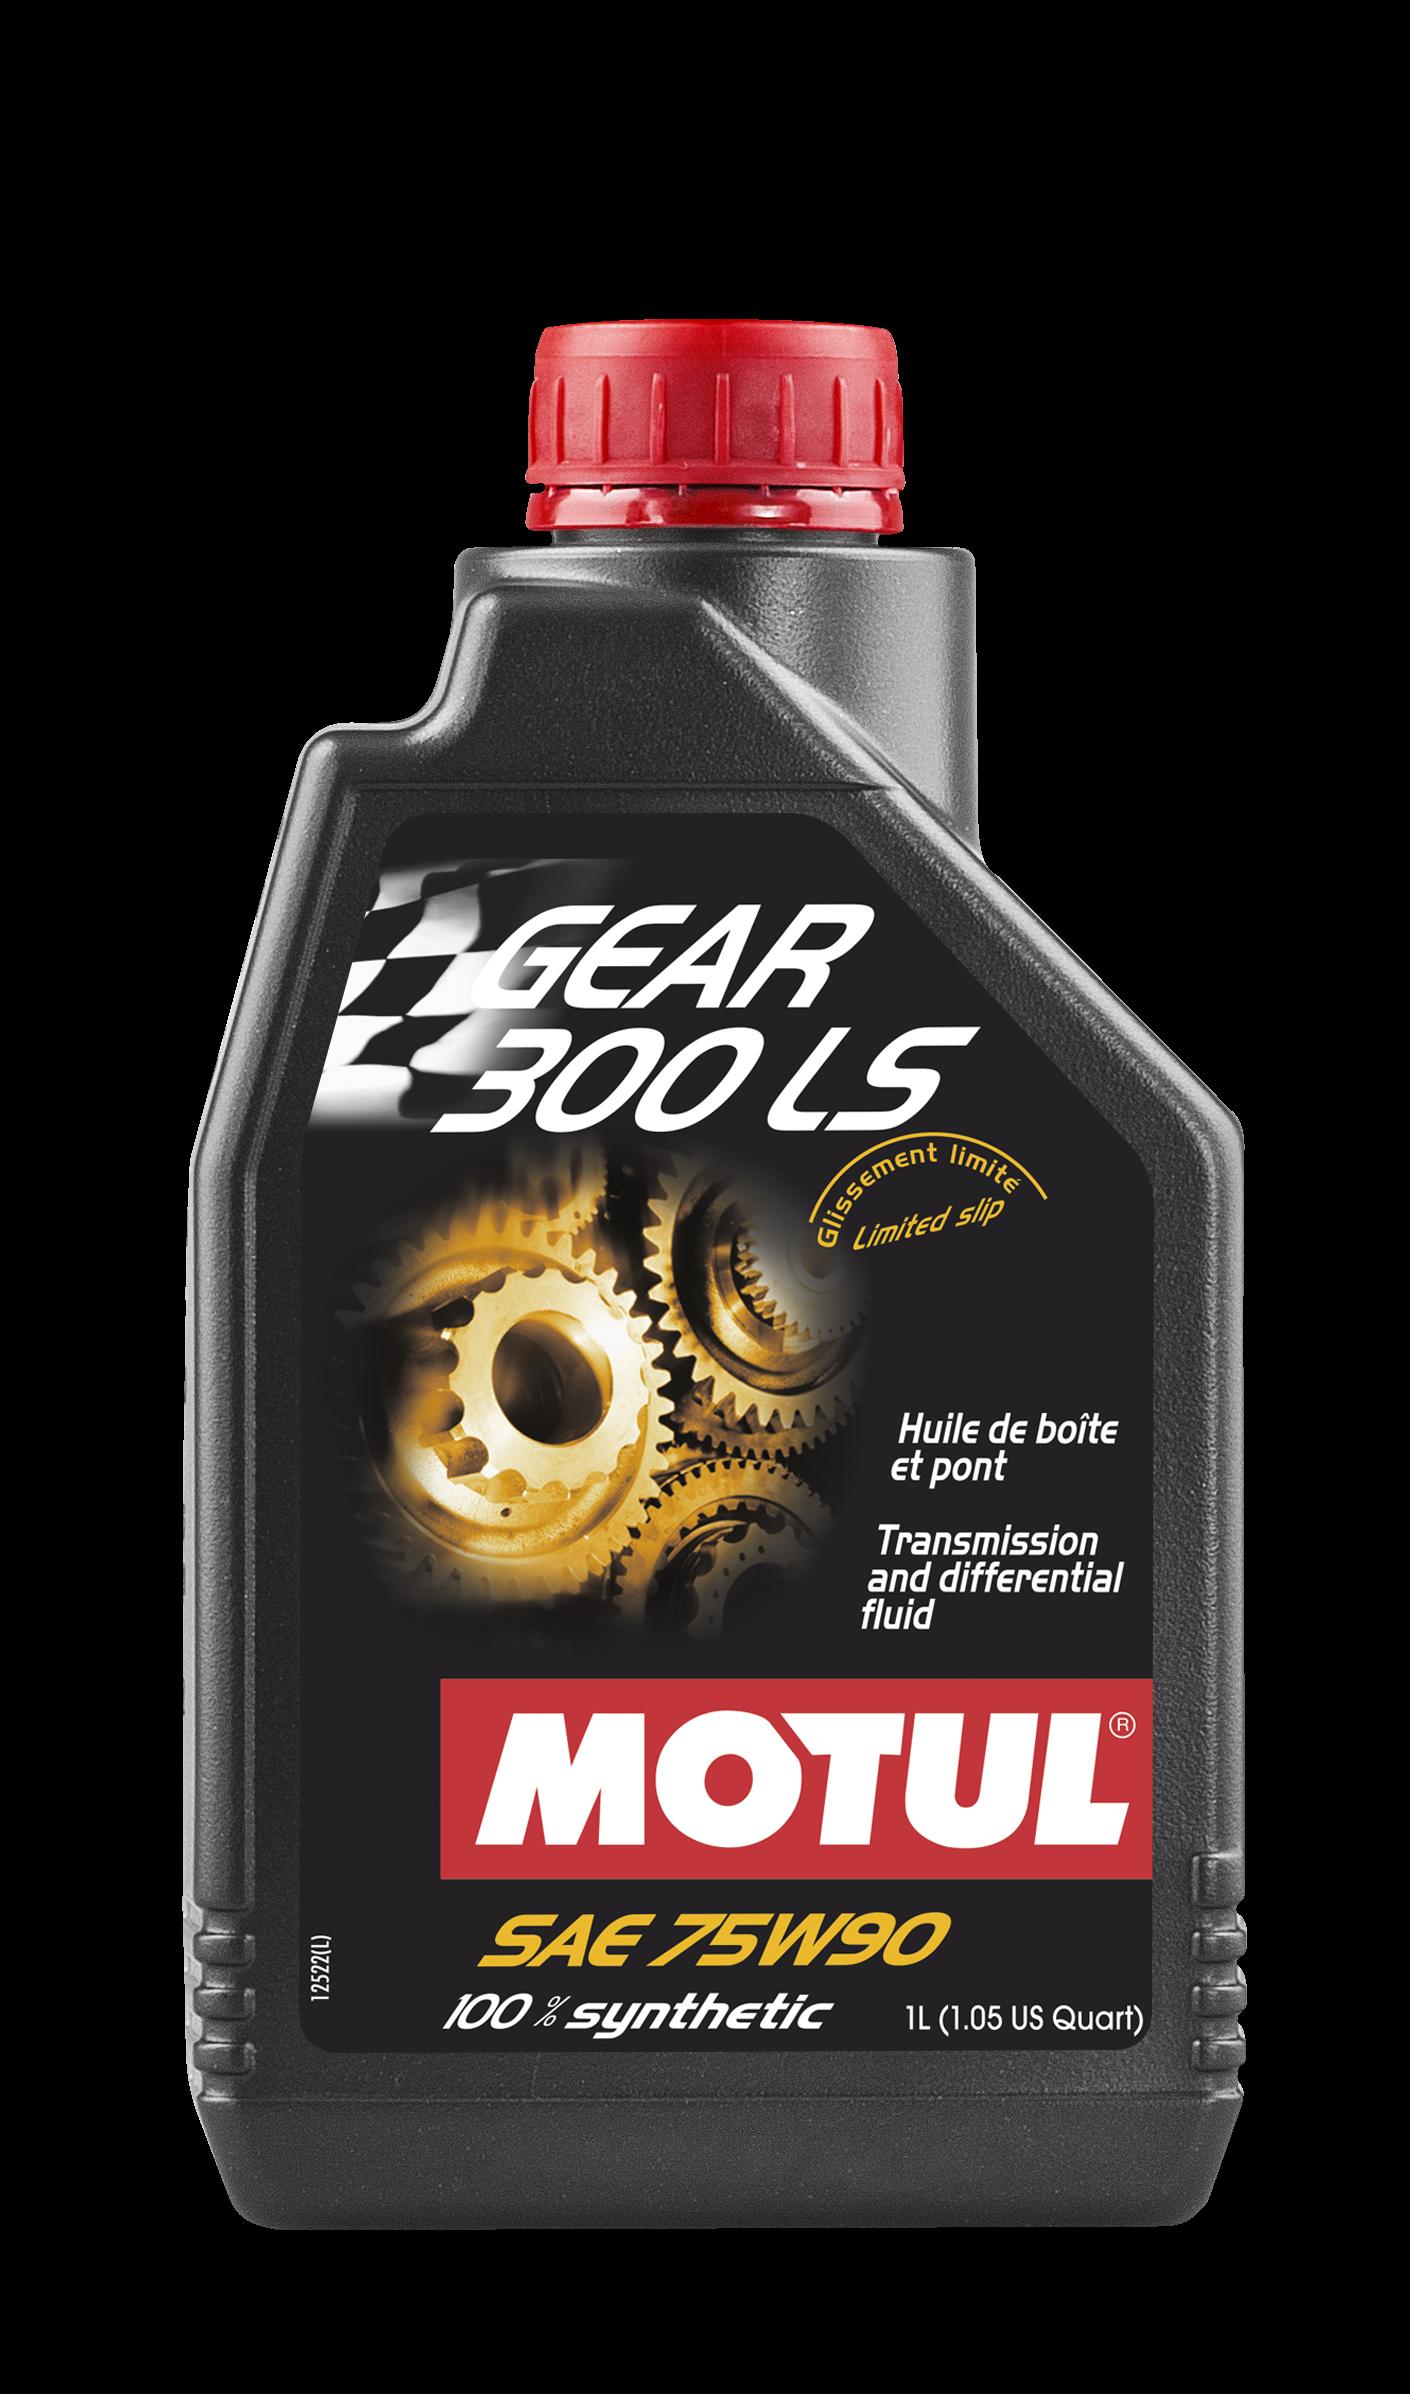 Motul Gear 300 LS 75w-90 1л